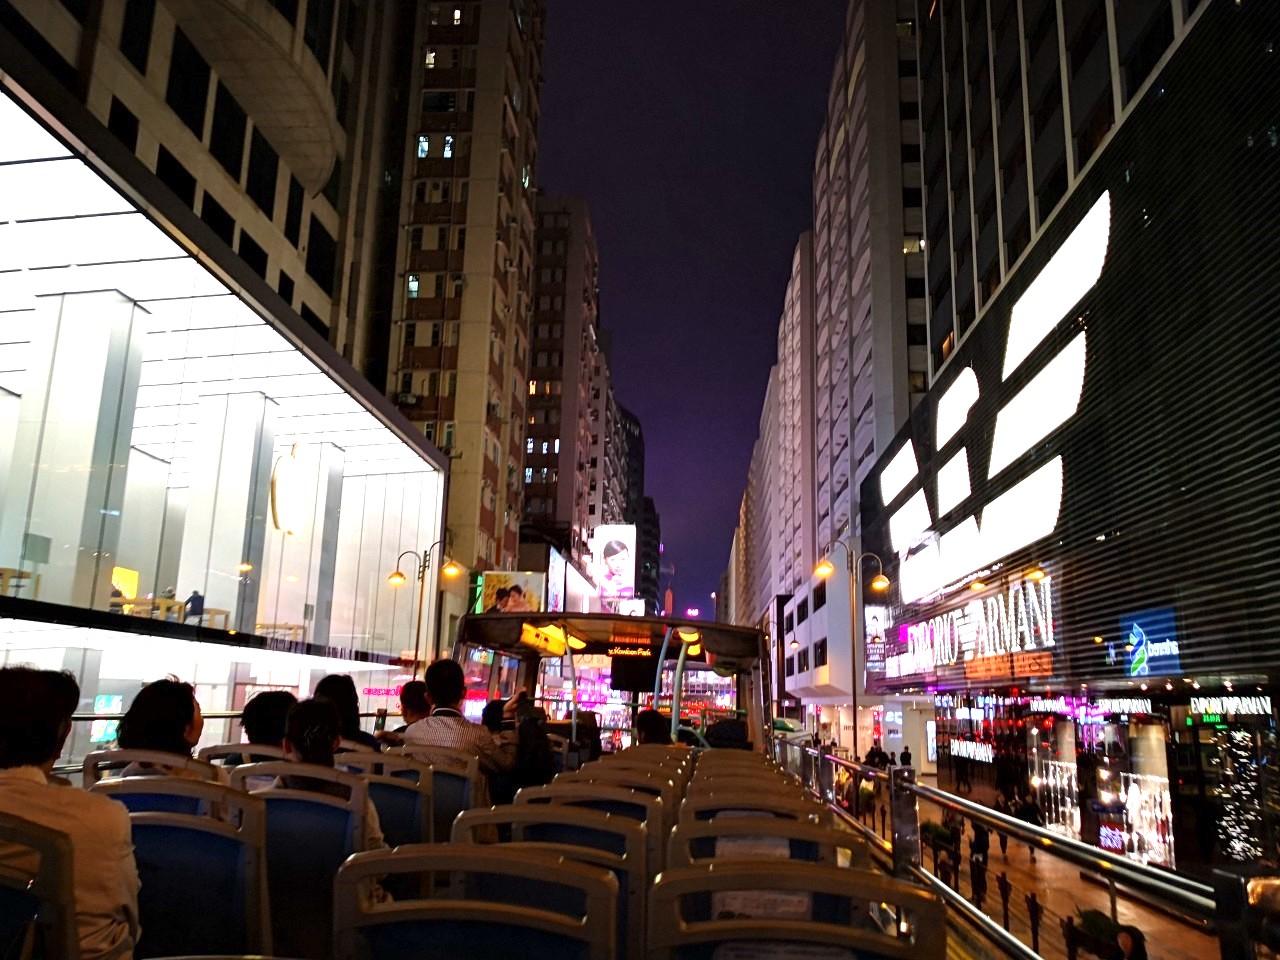 香港のオープントップバスの夜景の様子